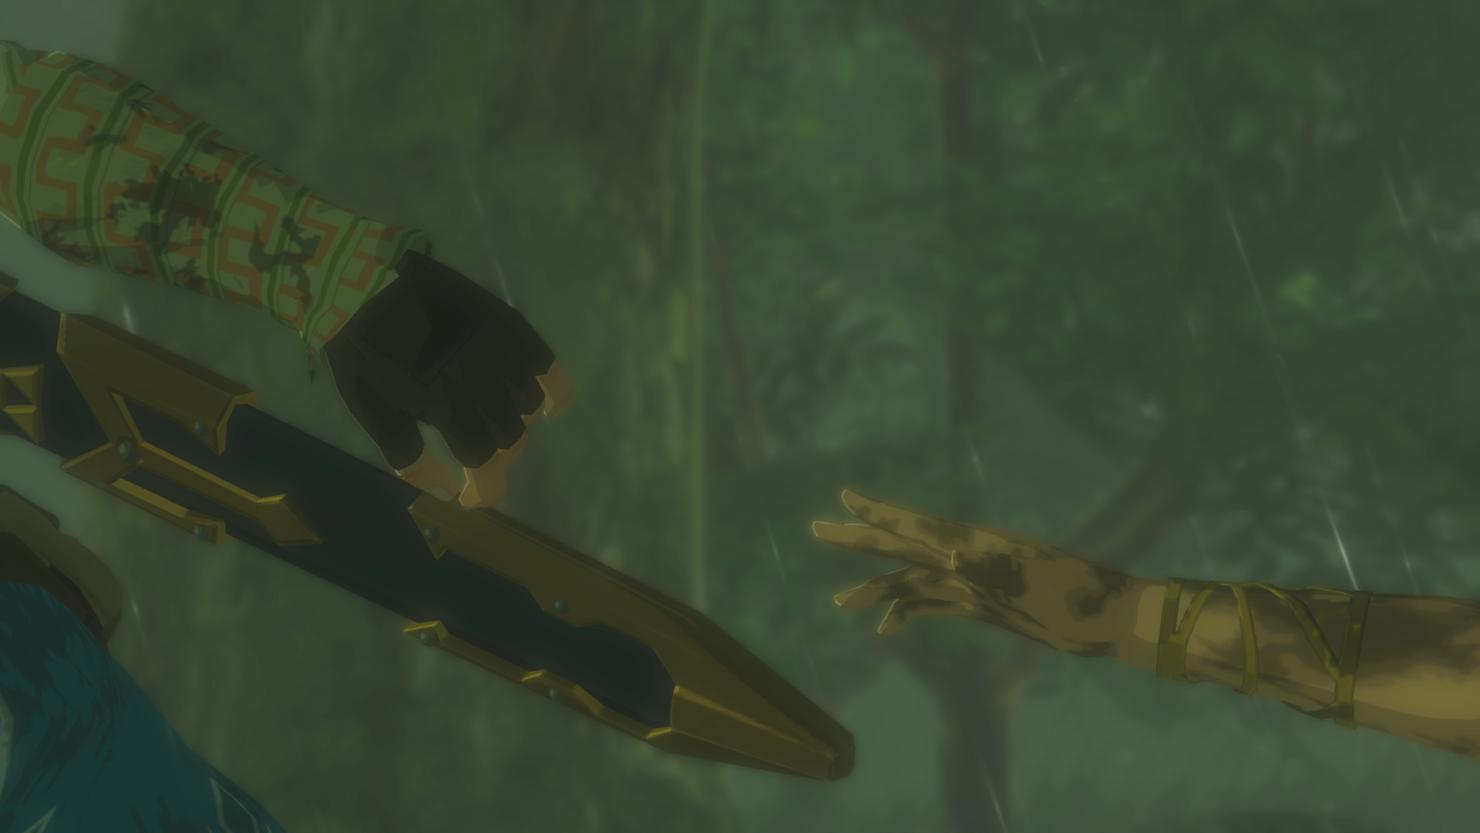 zelda-breath-of-the-wild-screenshots20